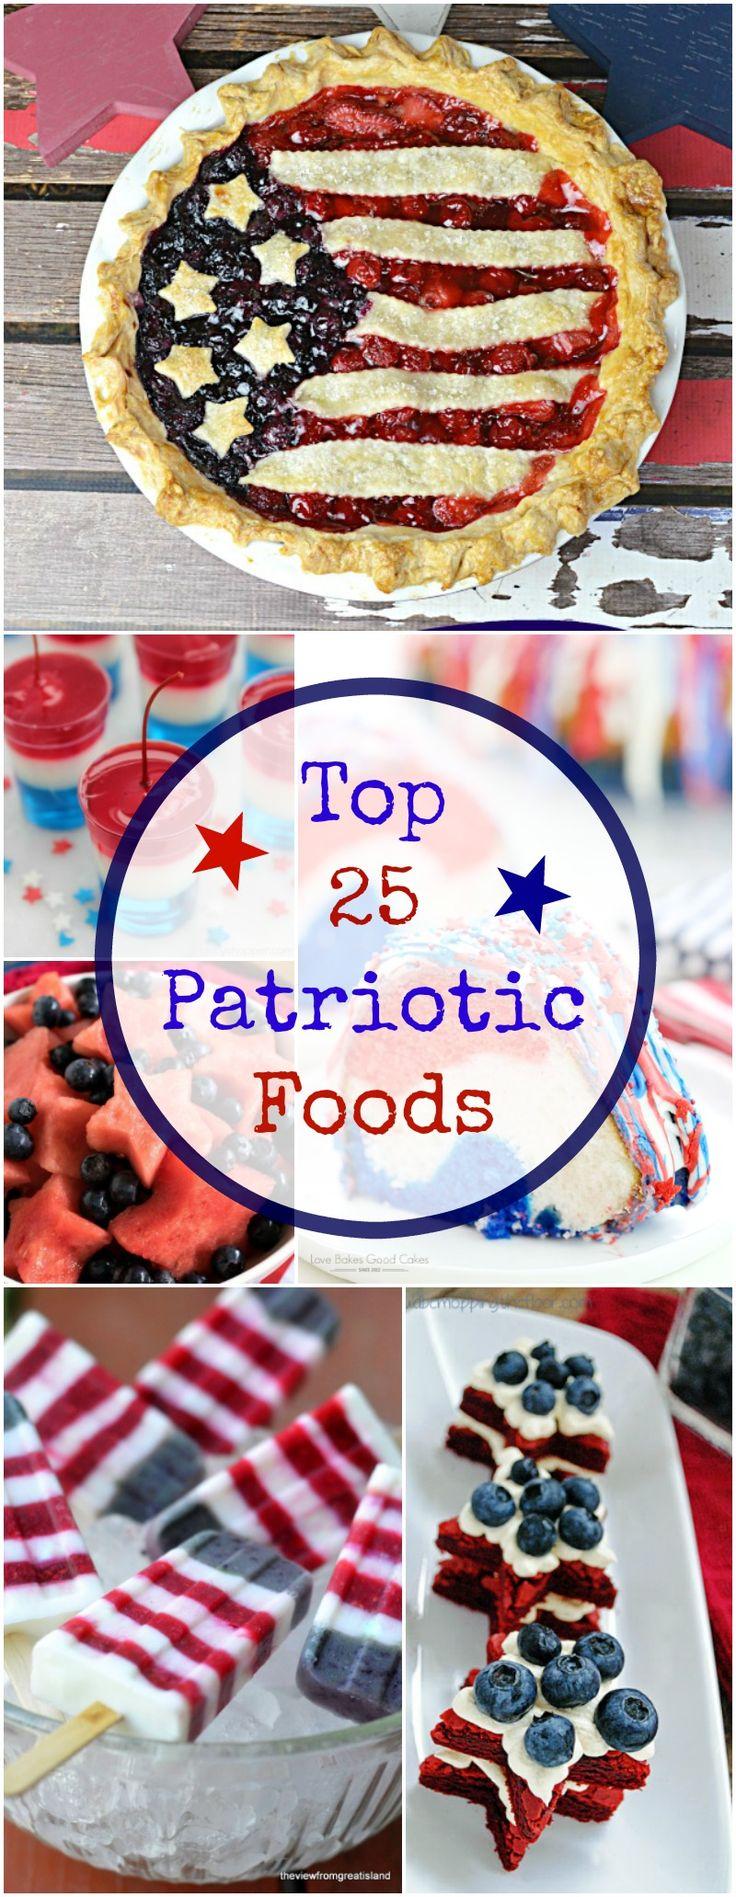 TOP 25 PATRIOTIC FOOD RECIPES